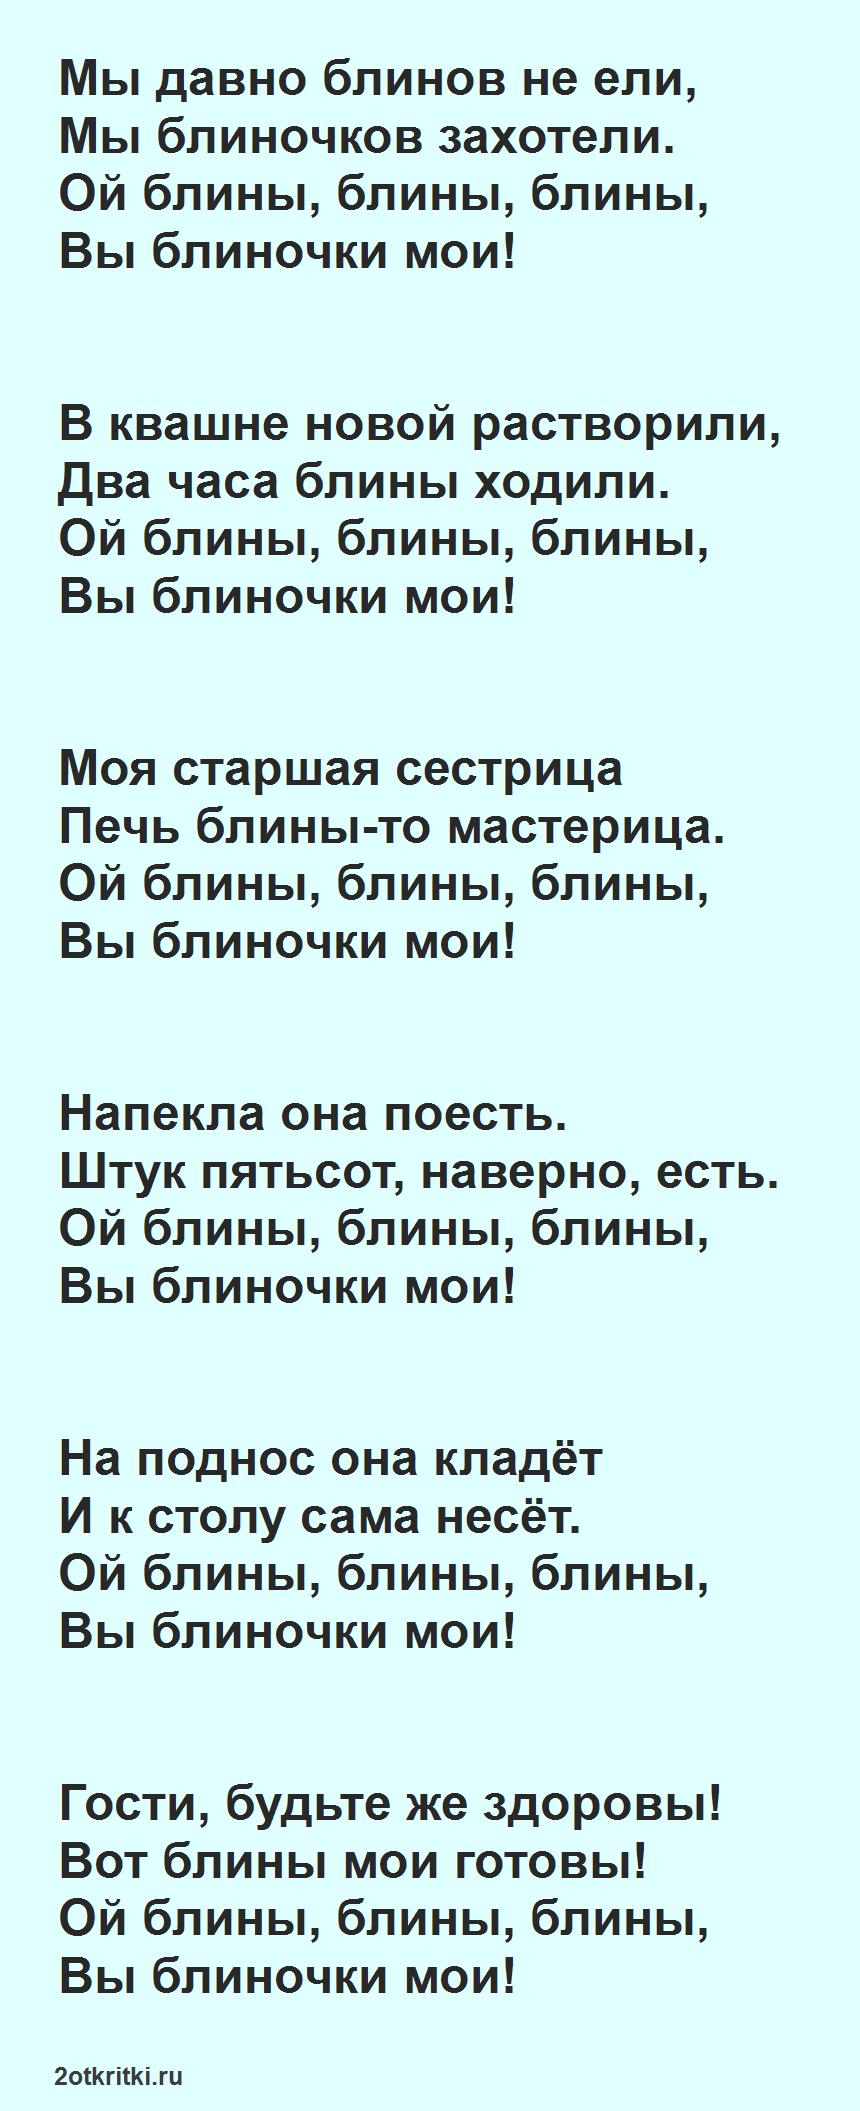 Песня масленица - Блины